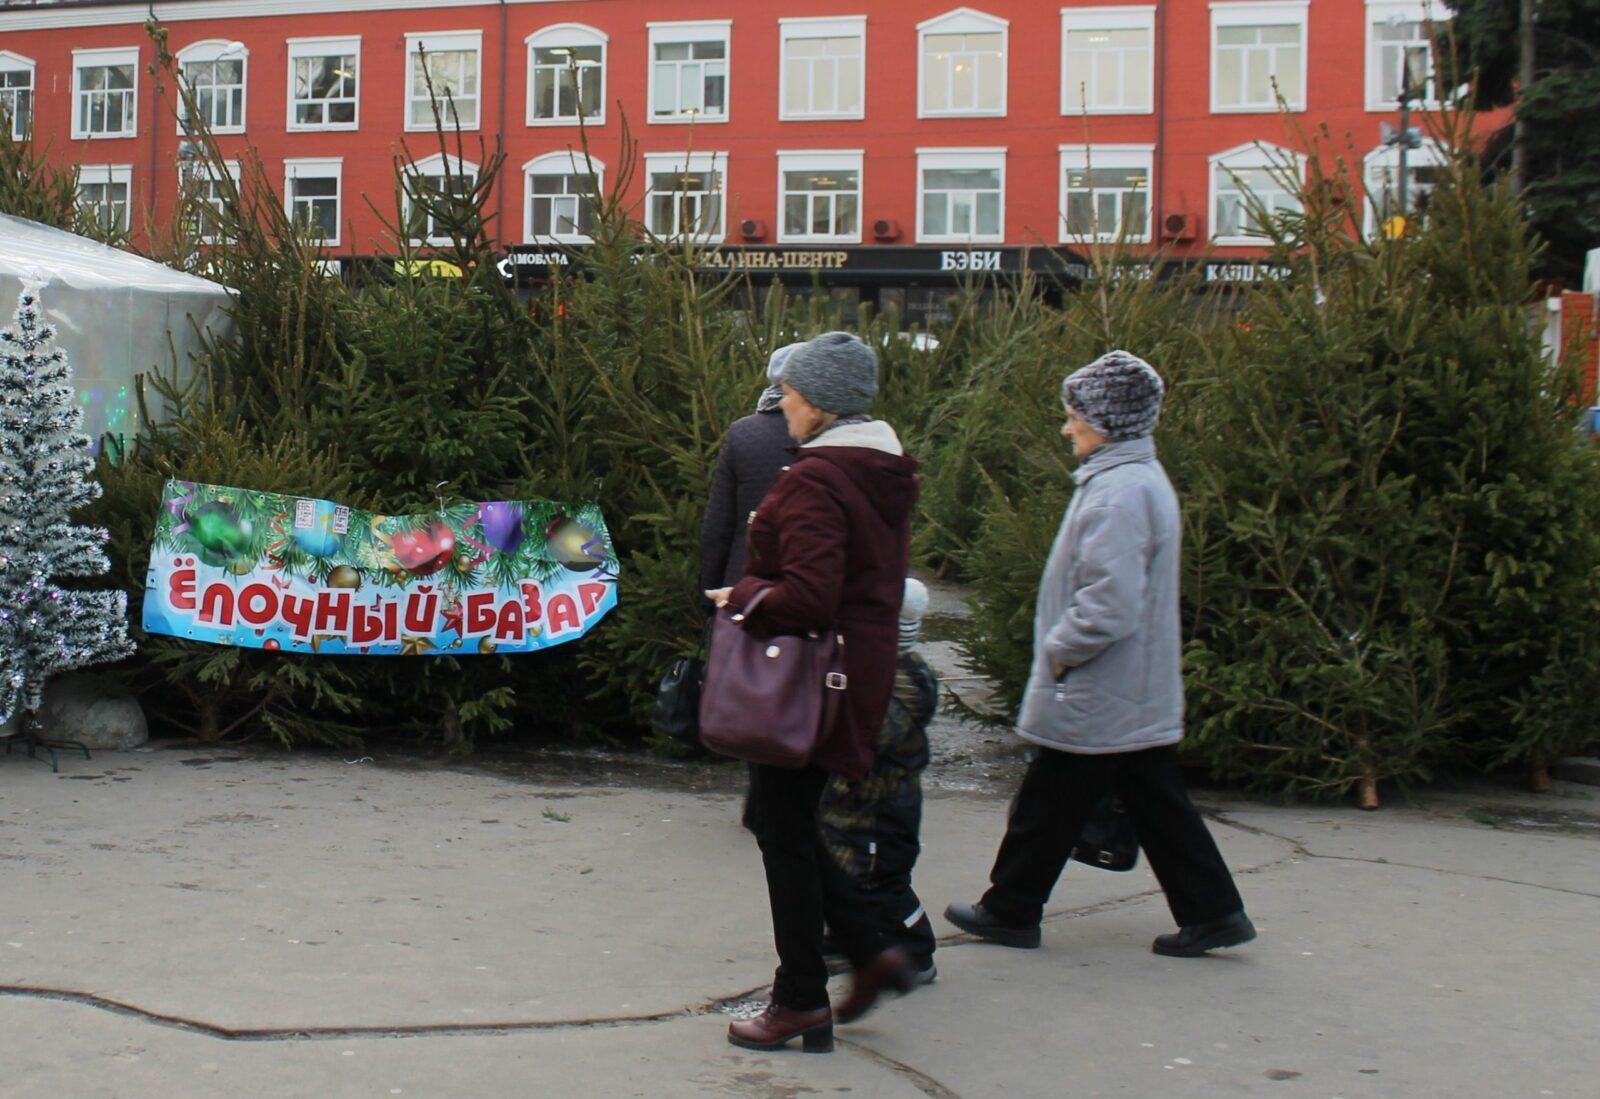 Первый елочный базар открылся в Пролетарском районе Твери